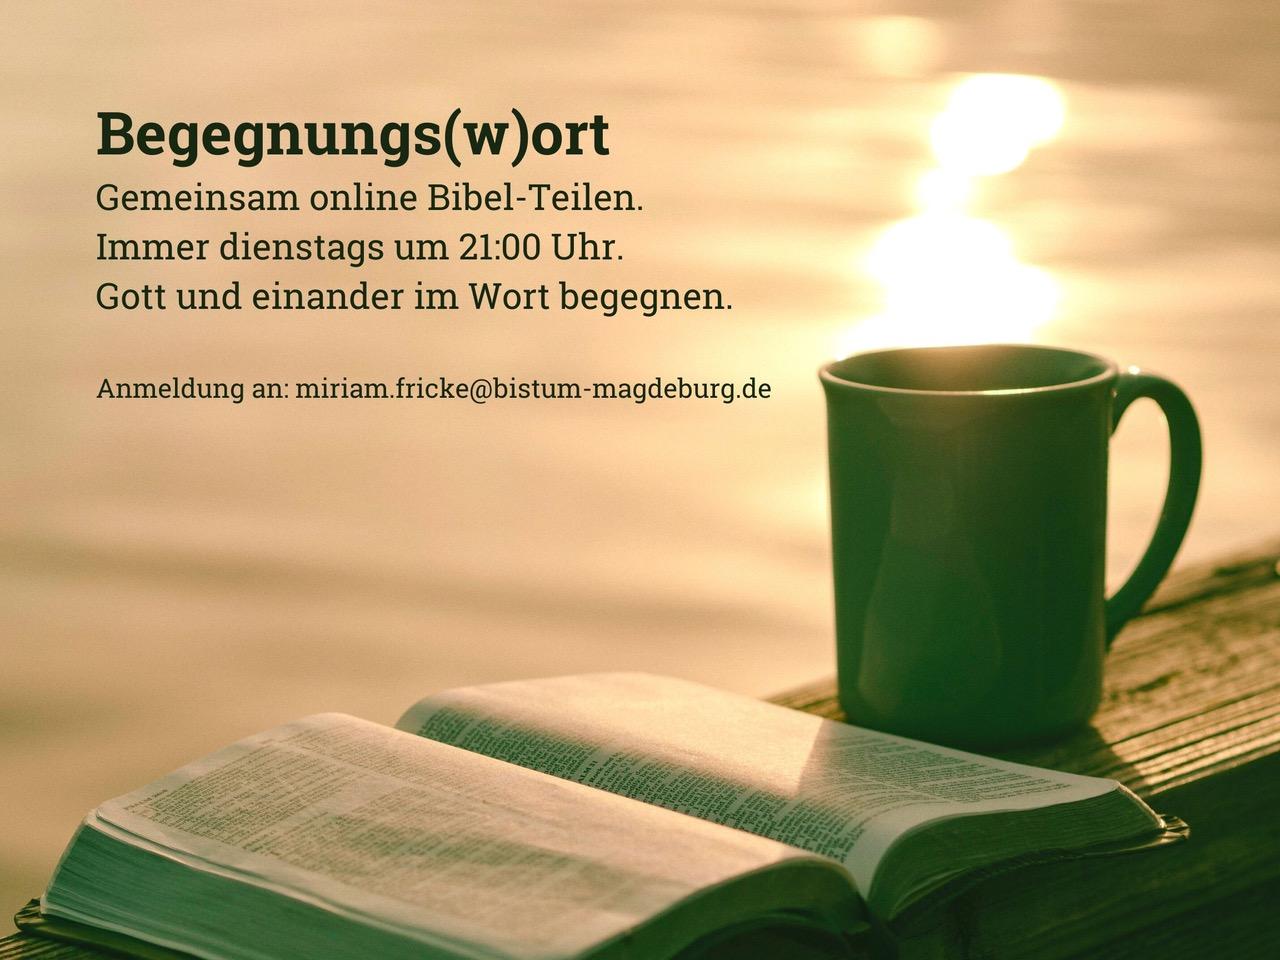 eine aufgeschlagene Bibel liegt neben einer Kaffeetasse